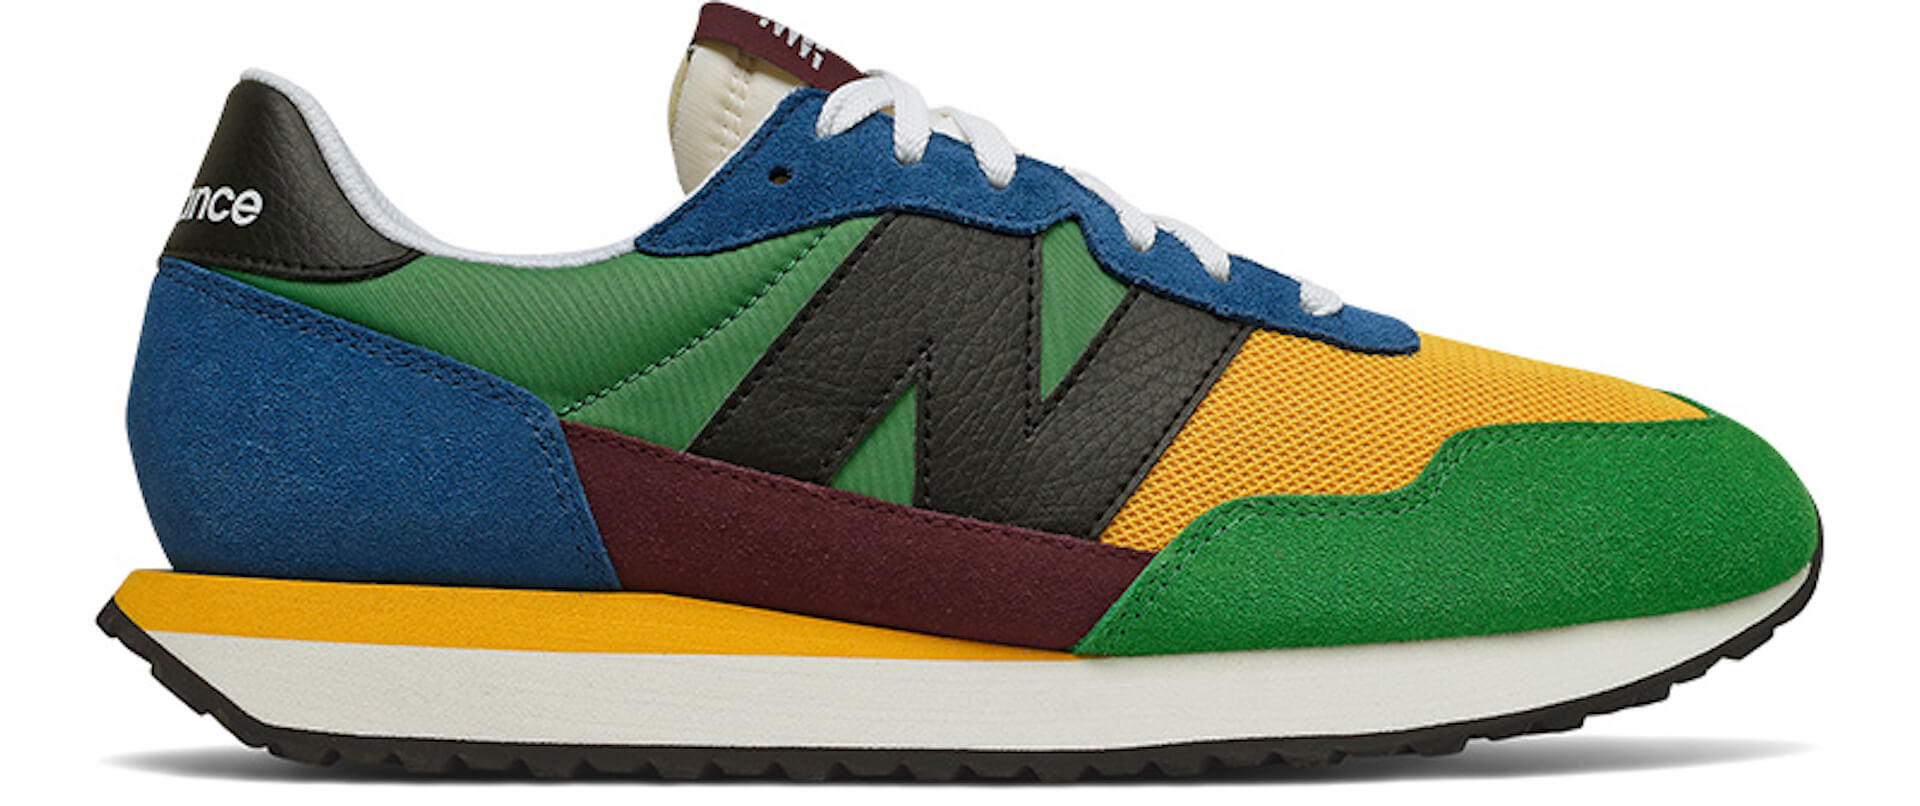 ニューバランスから80年代のスタイルをモダンデザインで再構築したニューモデル「237」が登場!レトロな2カラーで展開 fashion210203_newbalance_237_7